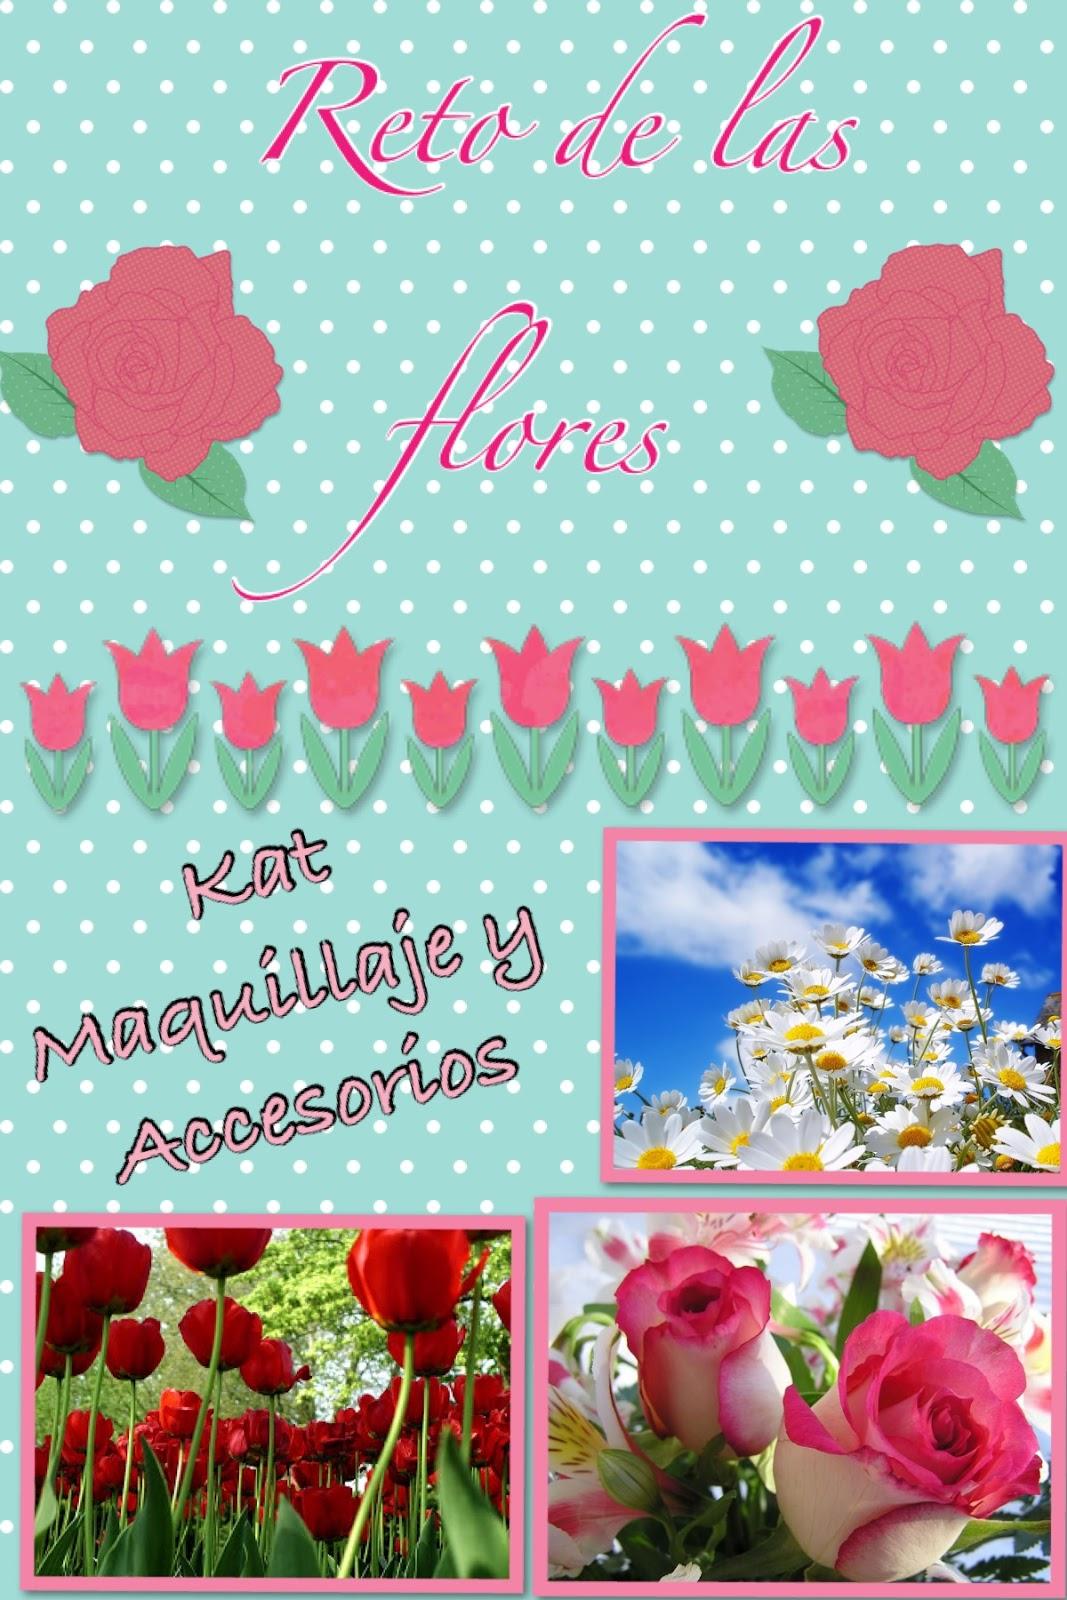 Reto de Las Flores